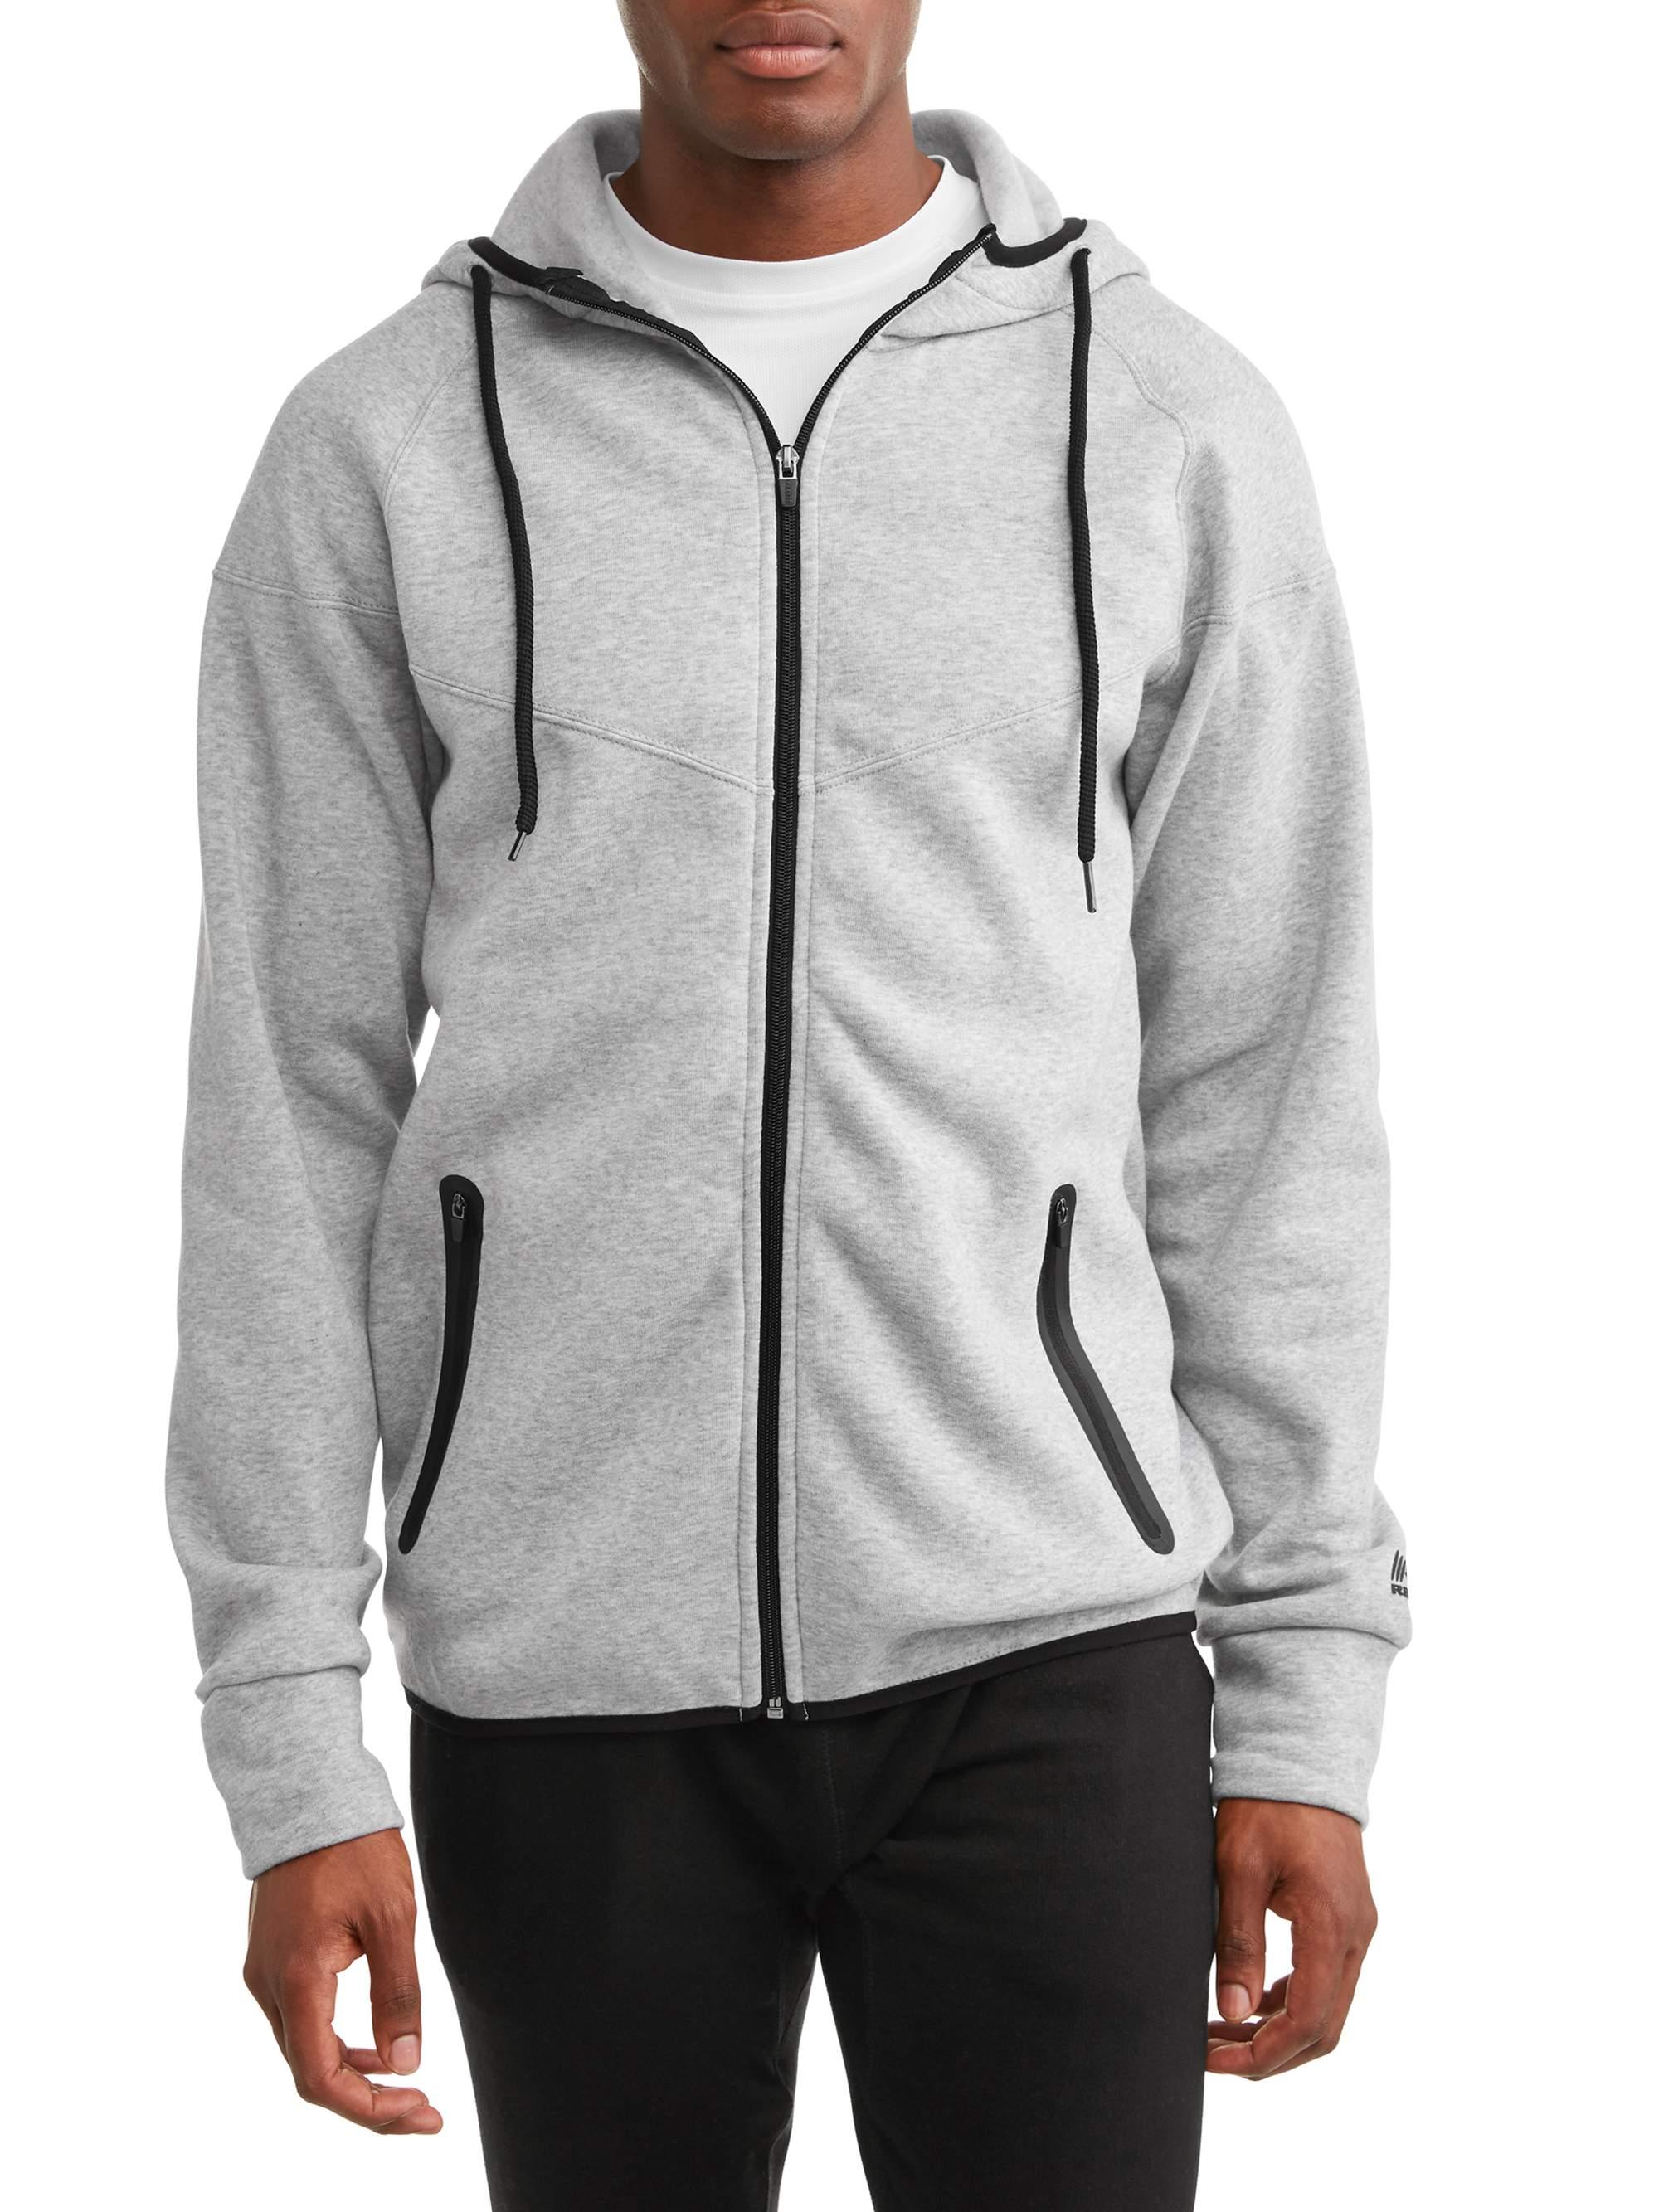 Men's Fleece Hooded Full Zip Jacket